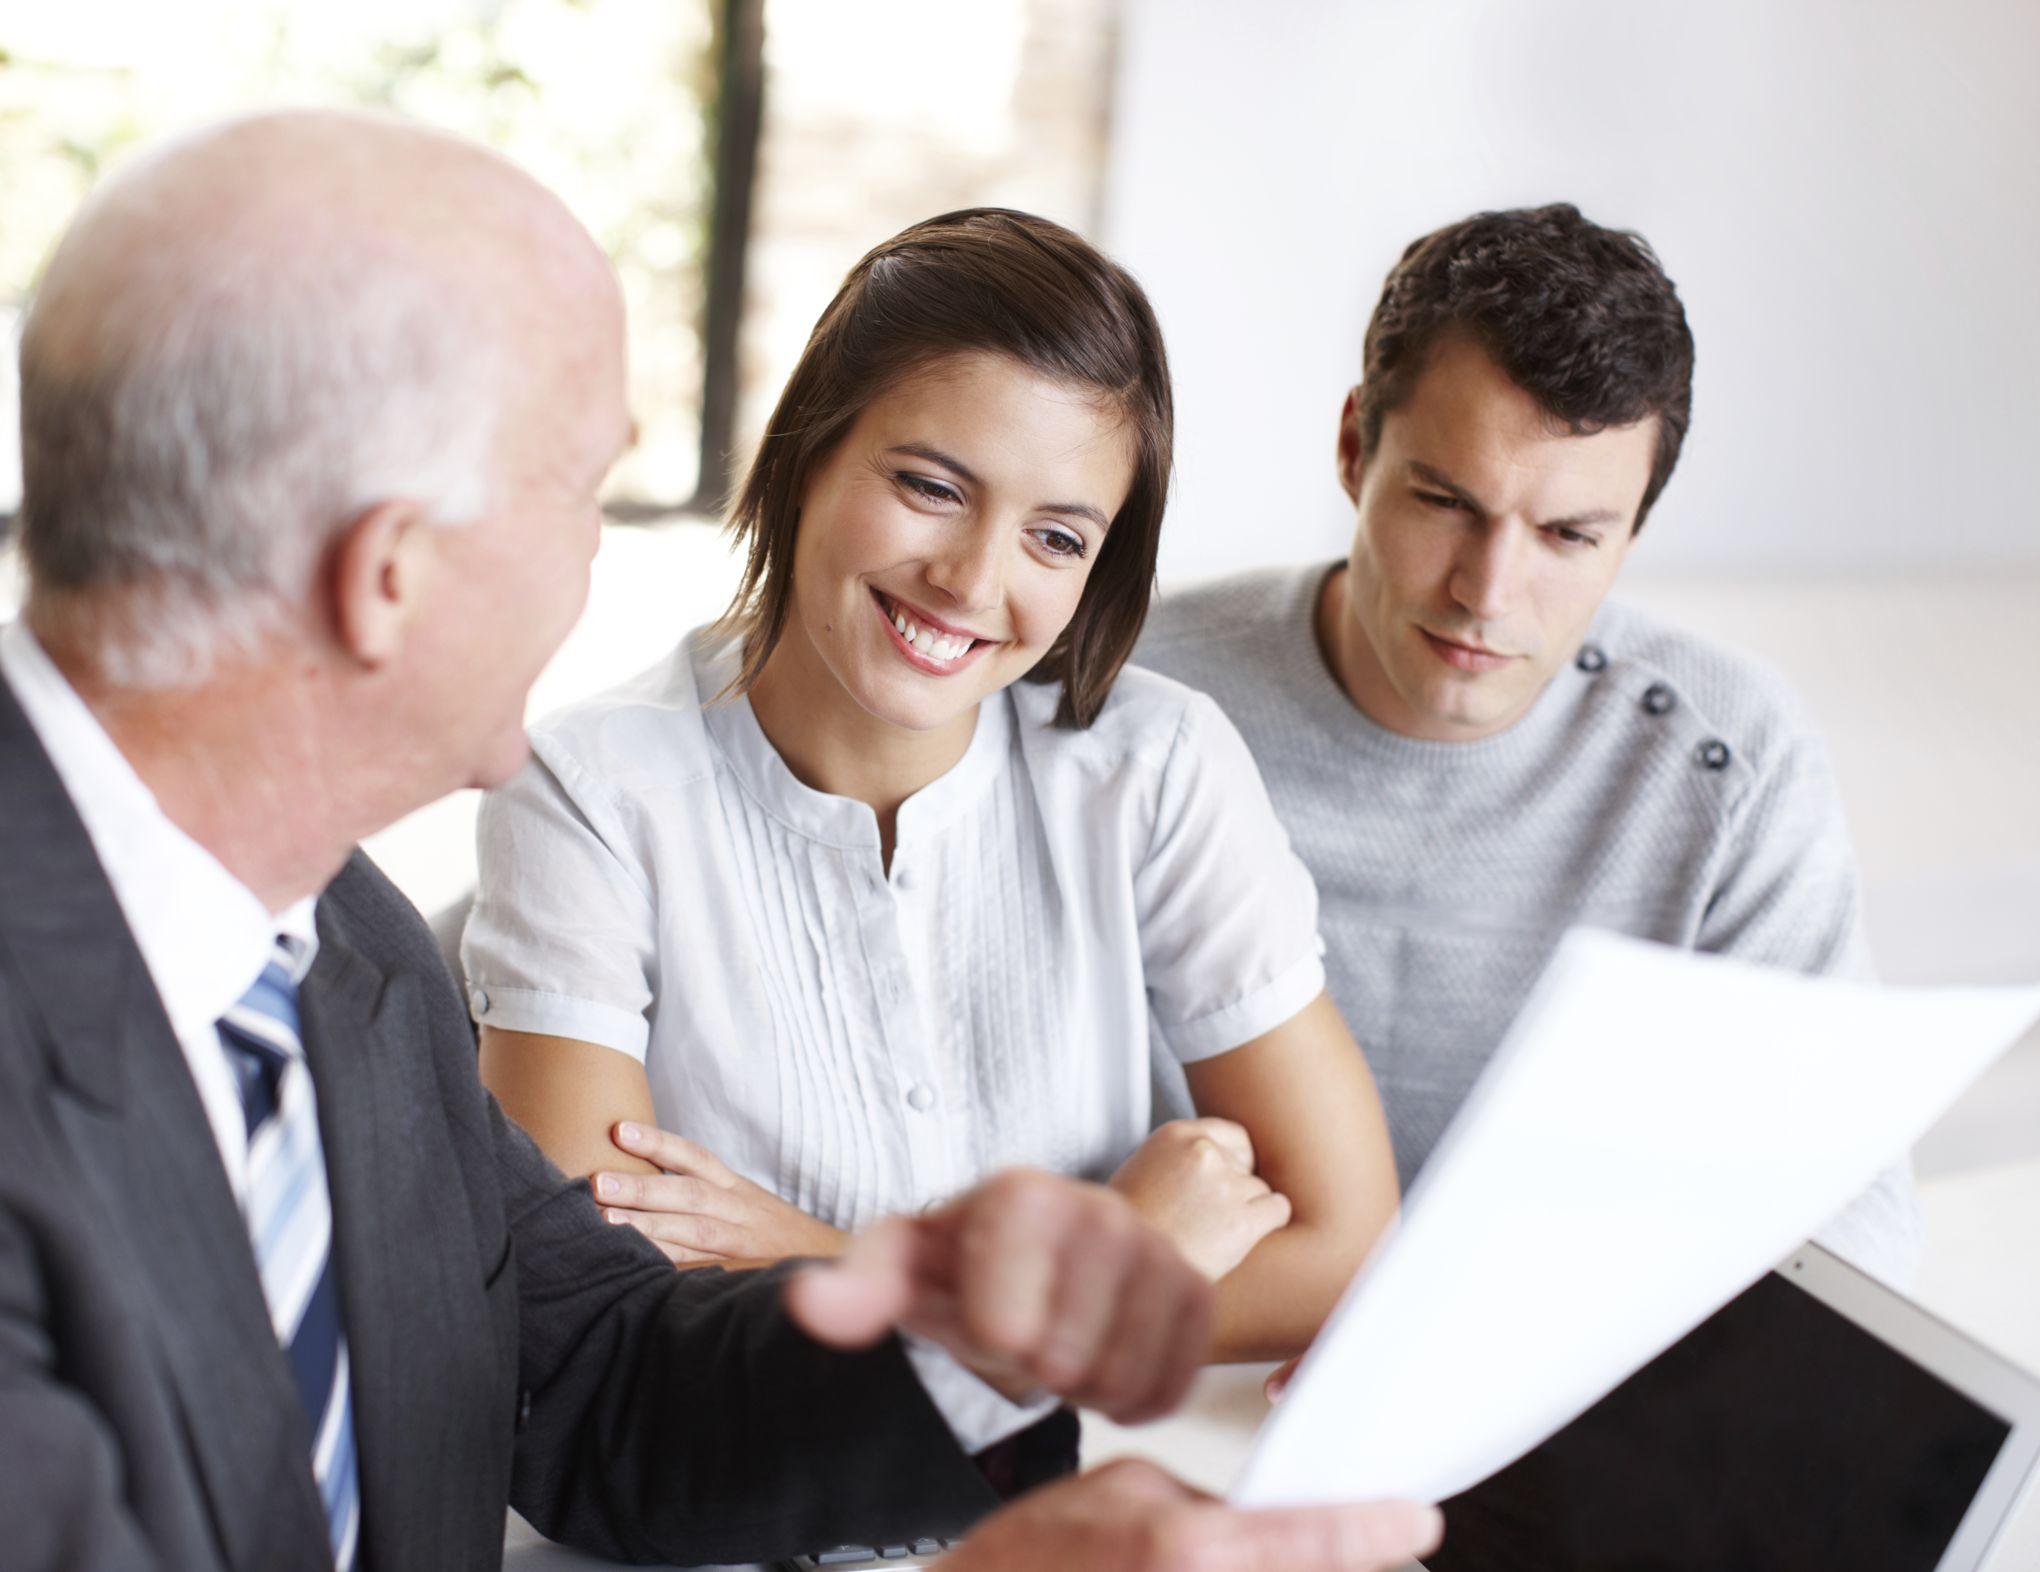 assurance  ARTFIG faites baisser le cout de votre credit immobilier